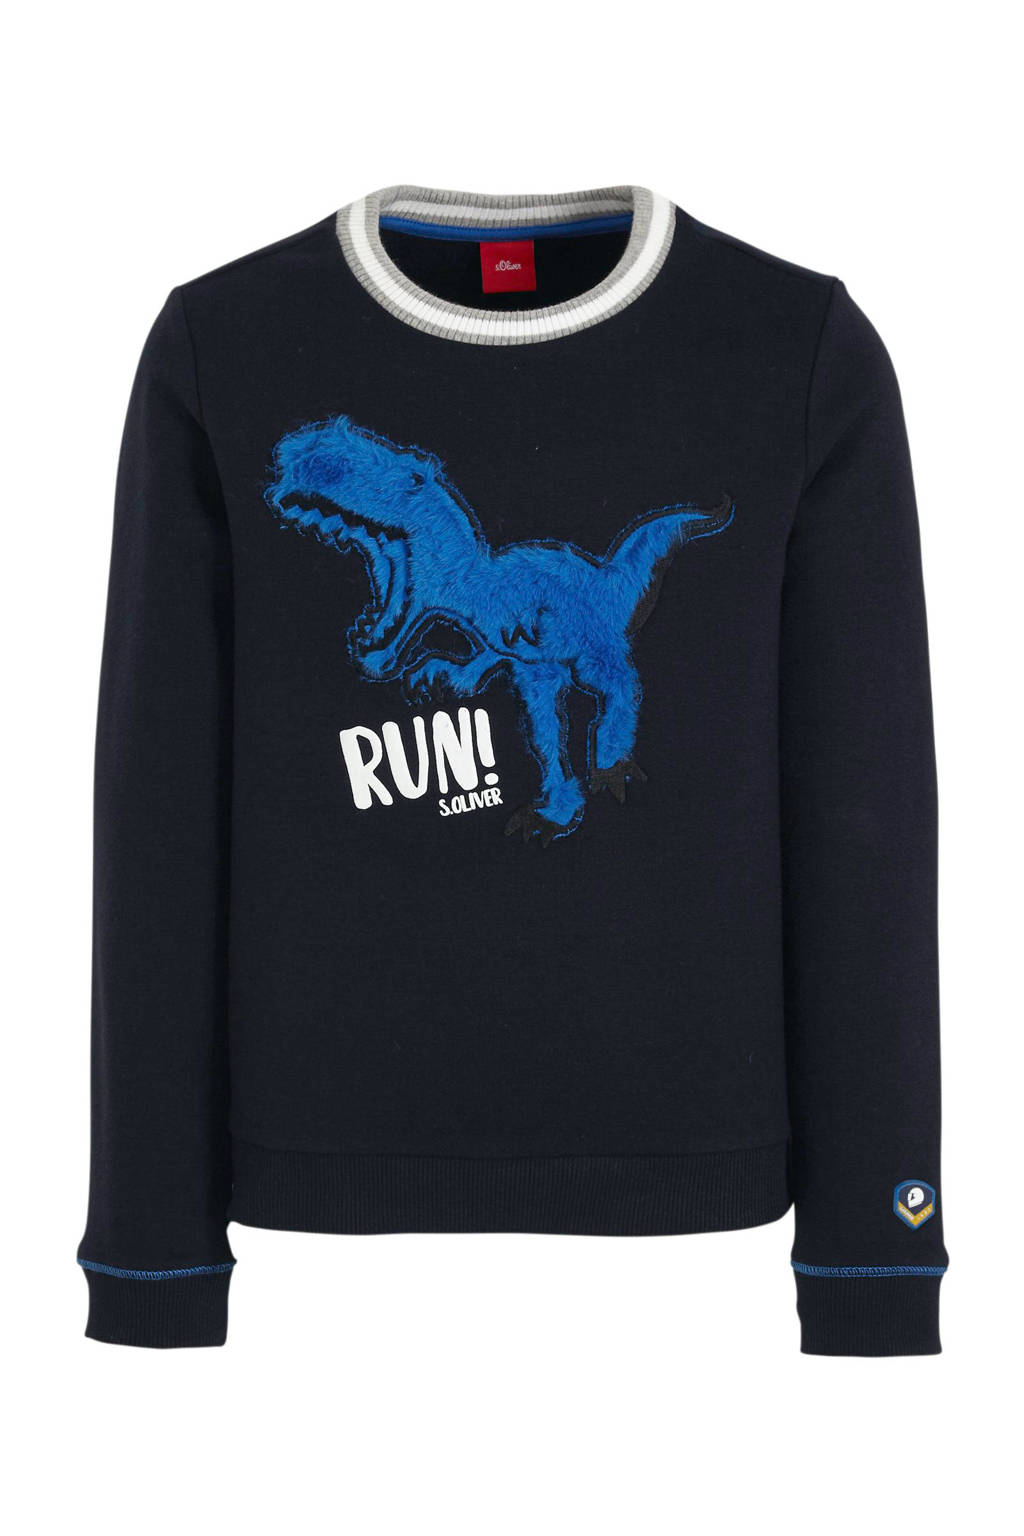 s.Oliver sweater met printopdruk en borduursels donkerblauw/blauw/wit, Donkerblauw/blauw/wit